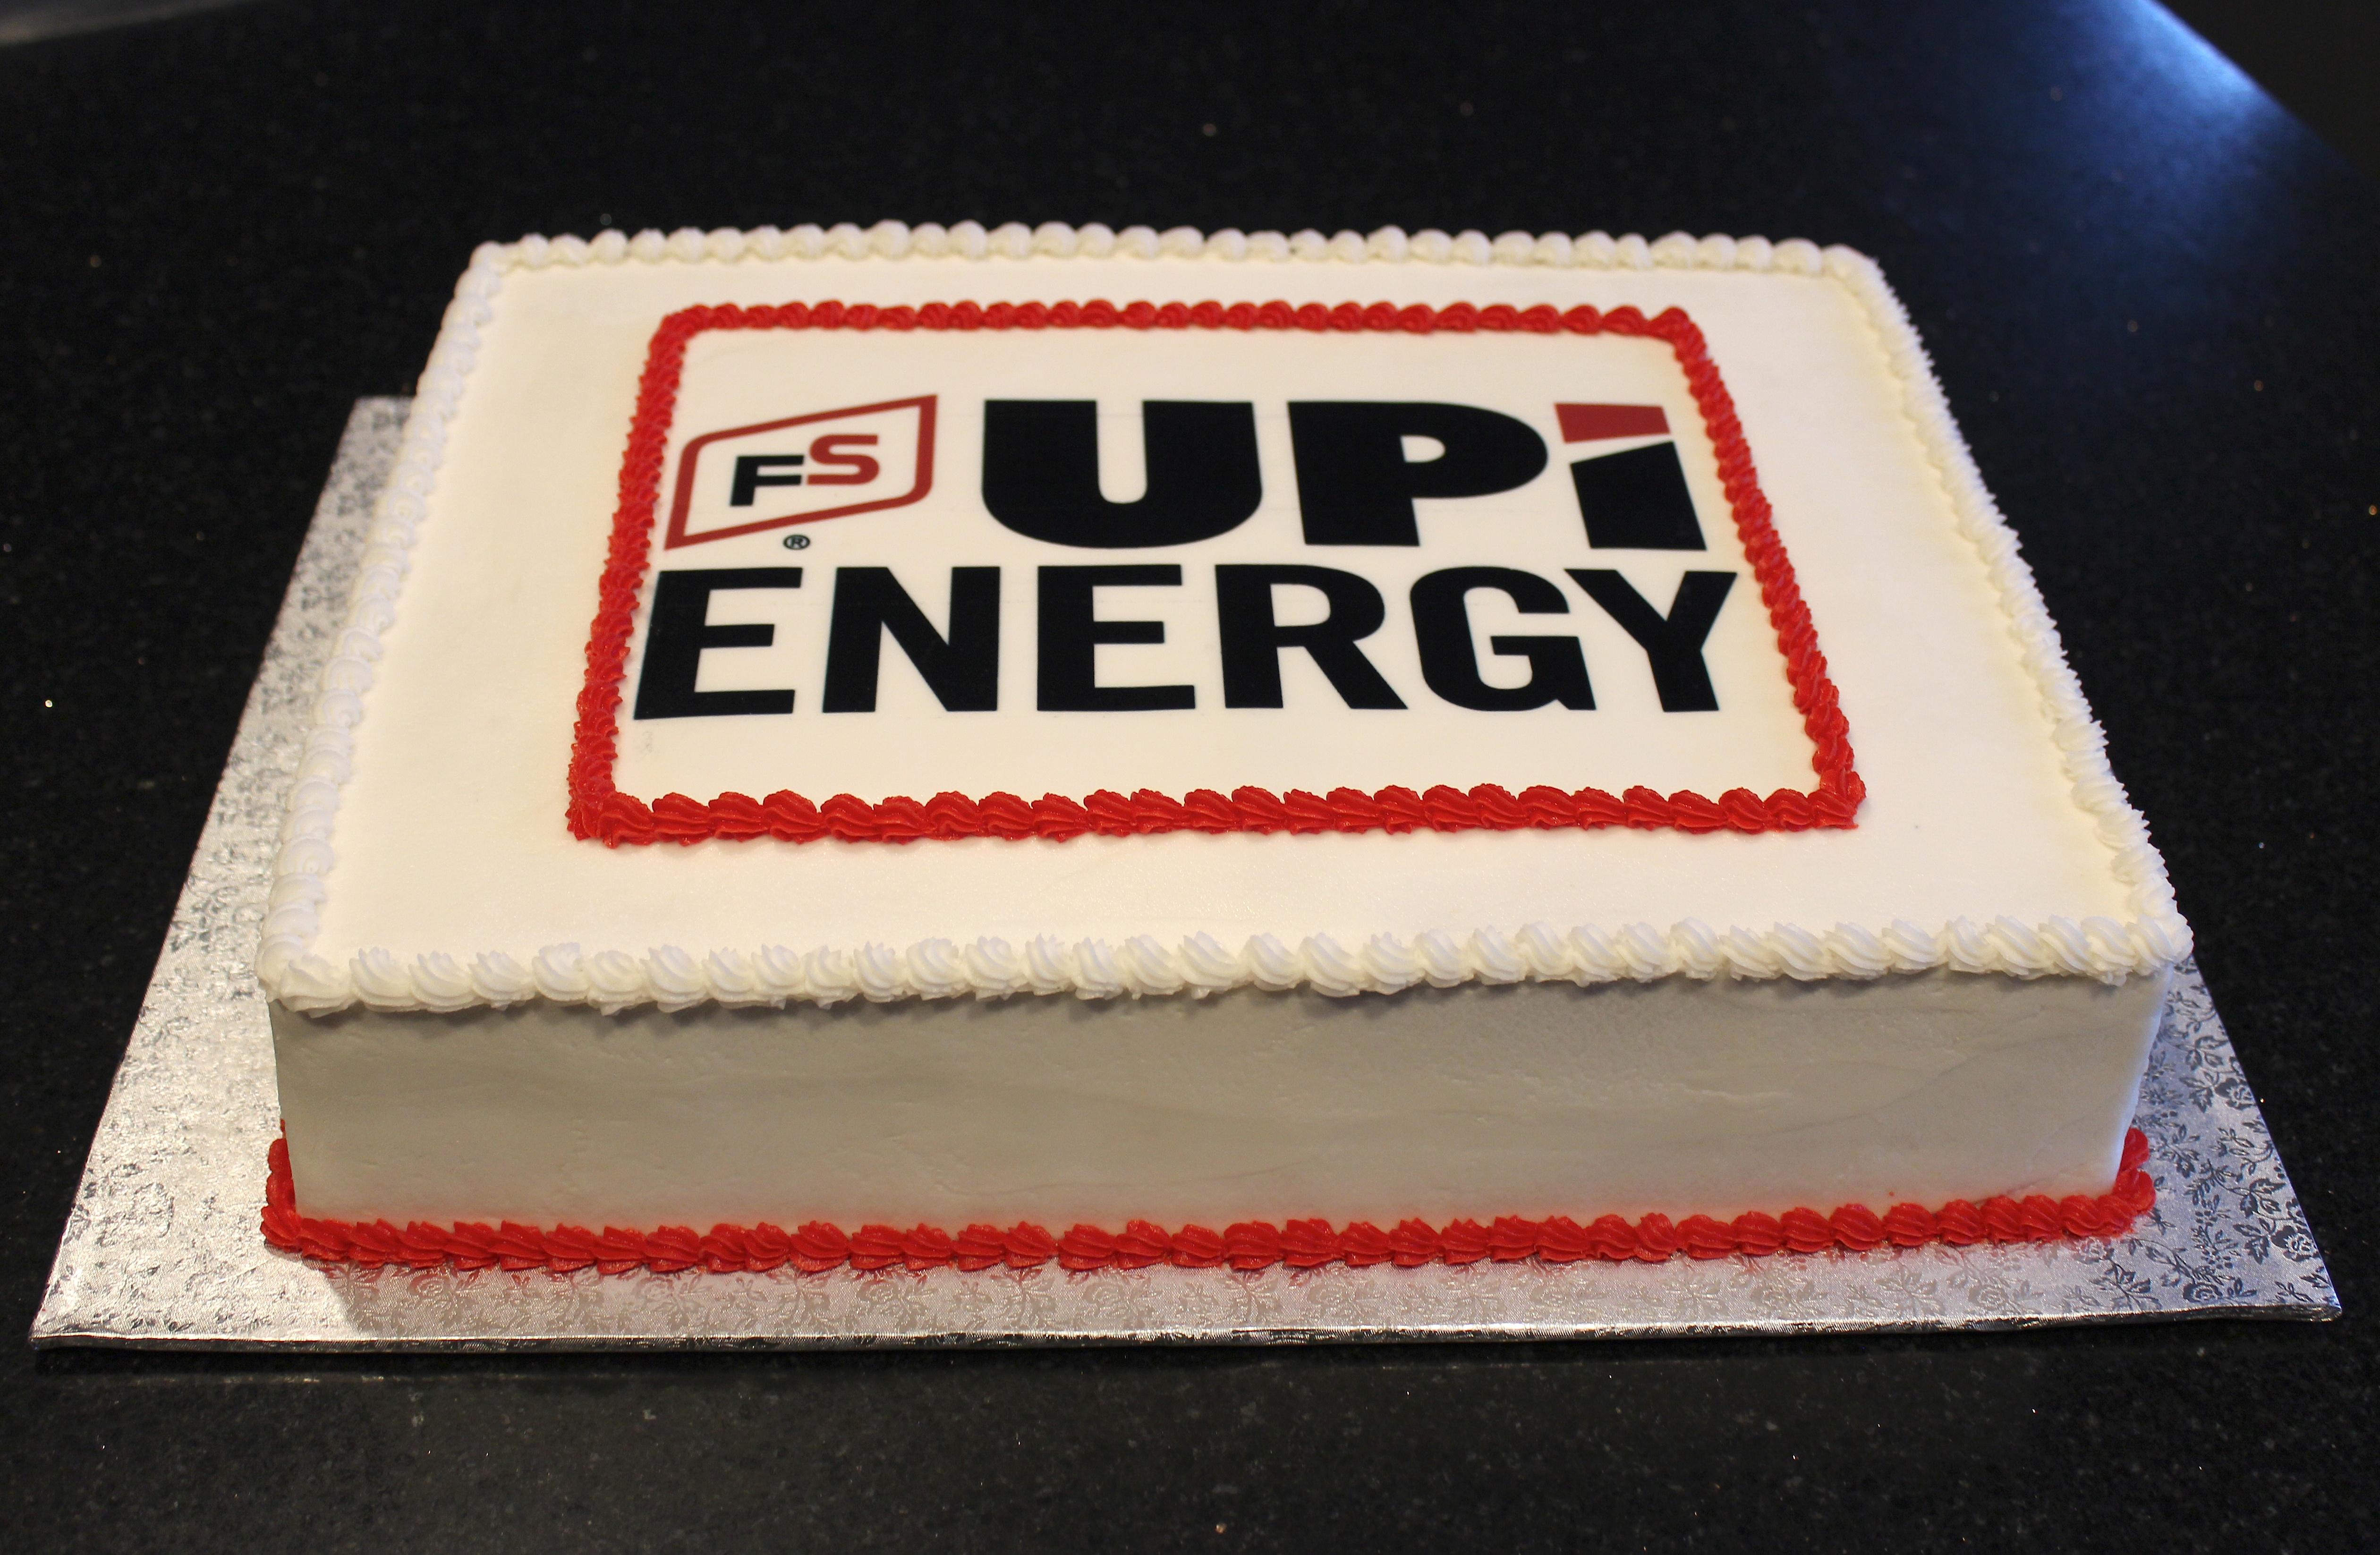 UPI Energy Corporate Celebration Cake